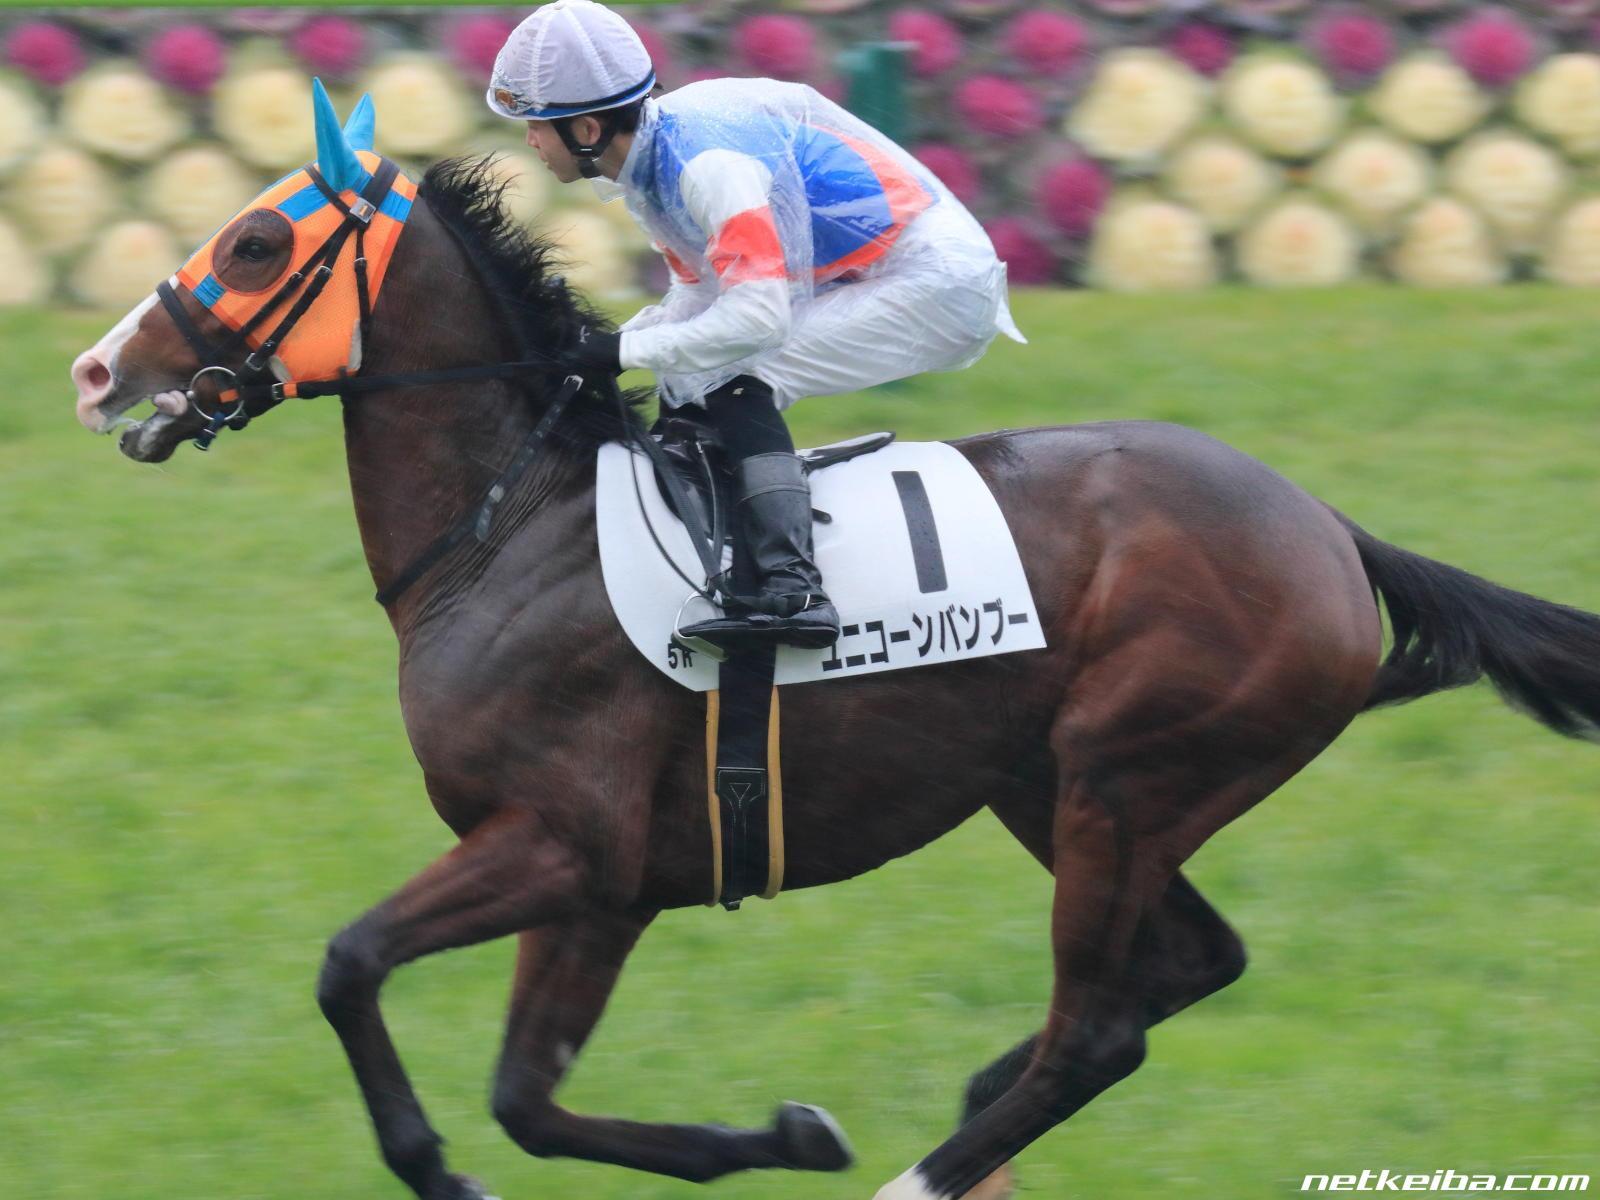 ユニコーンバンブー   競走馬データ - netkeiba.com